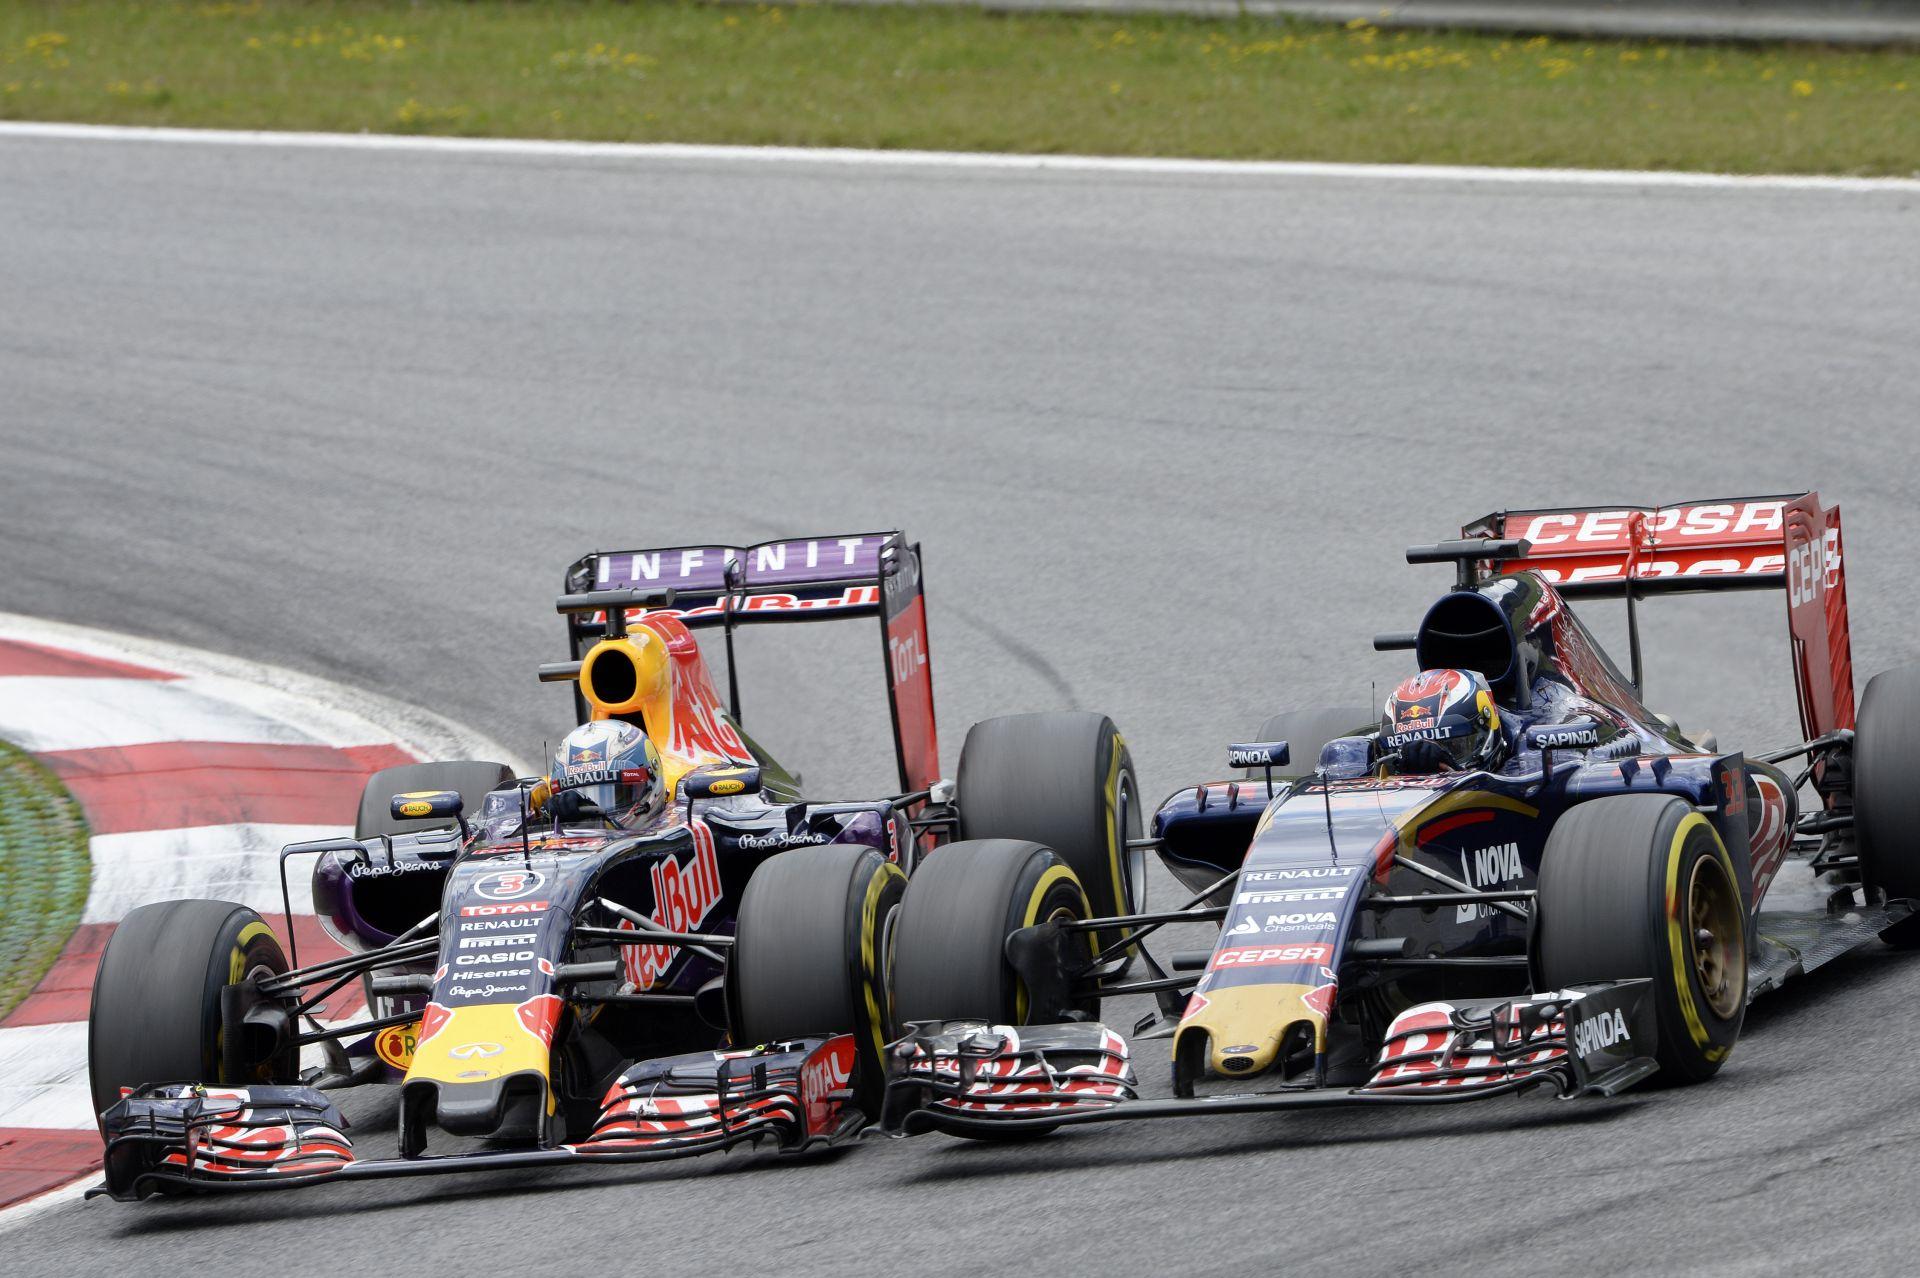 A végső döntést a Red Bull tulajdonosa hozza meg, nem a Ferrari vagy a Mercedes!